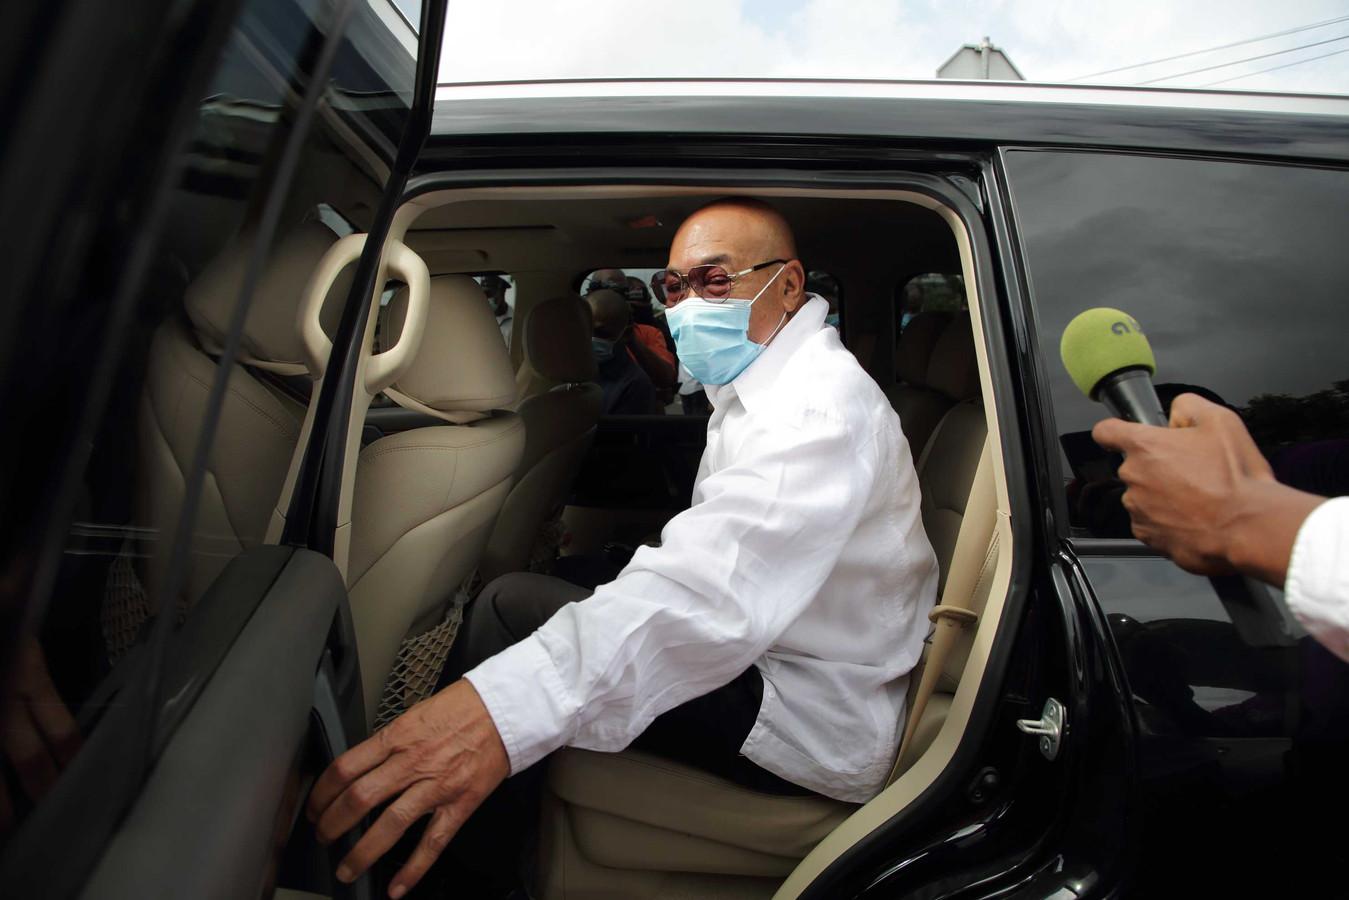 De Surinaamse oud-legerleider en ex-president Desi Bouterse komt aan bij de rechtbank voor een zitting eind maart.